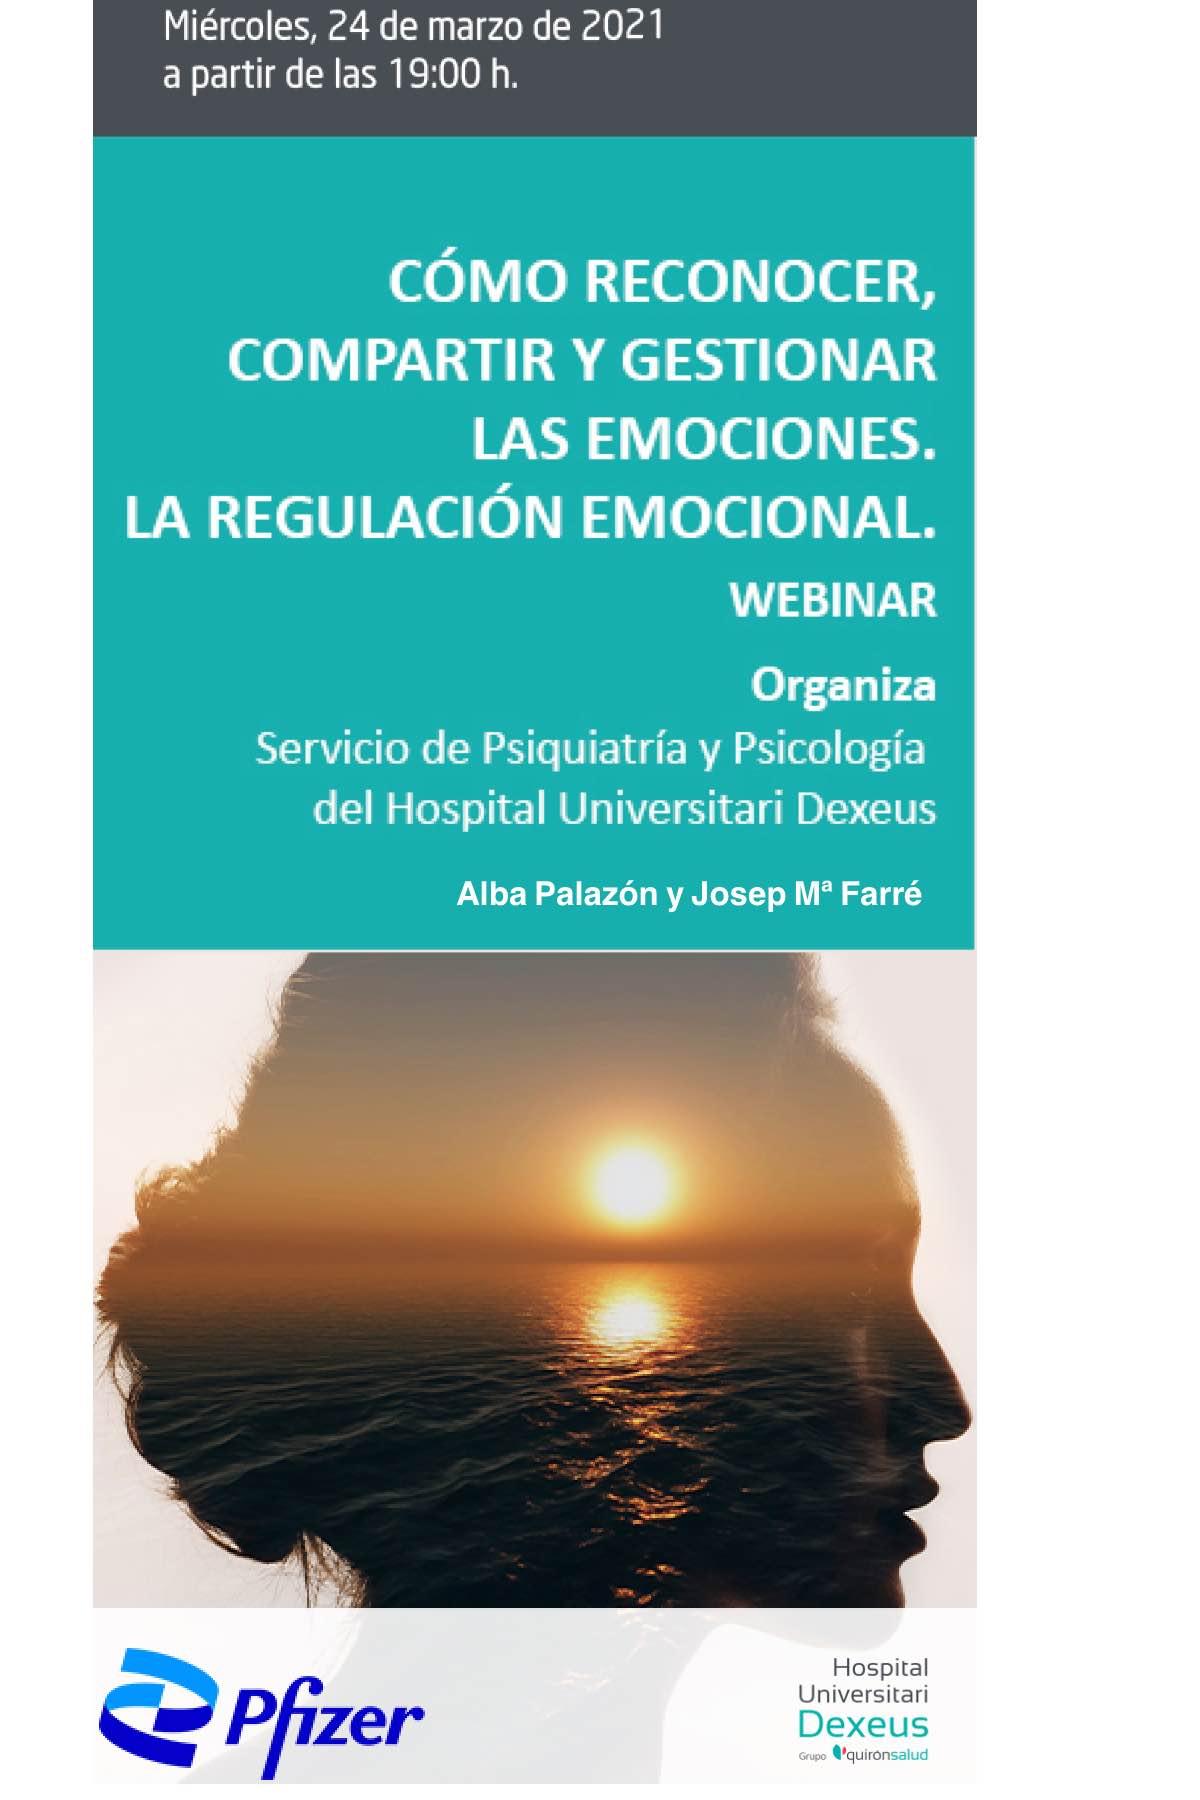 Como reconocer, compartir y gestionar las Emociones. La regulación emocional